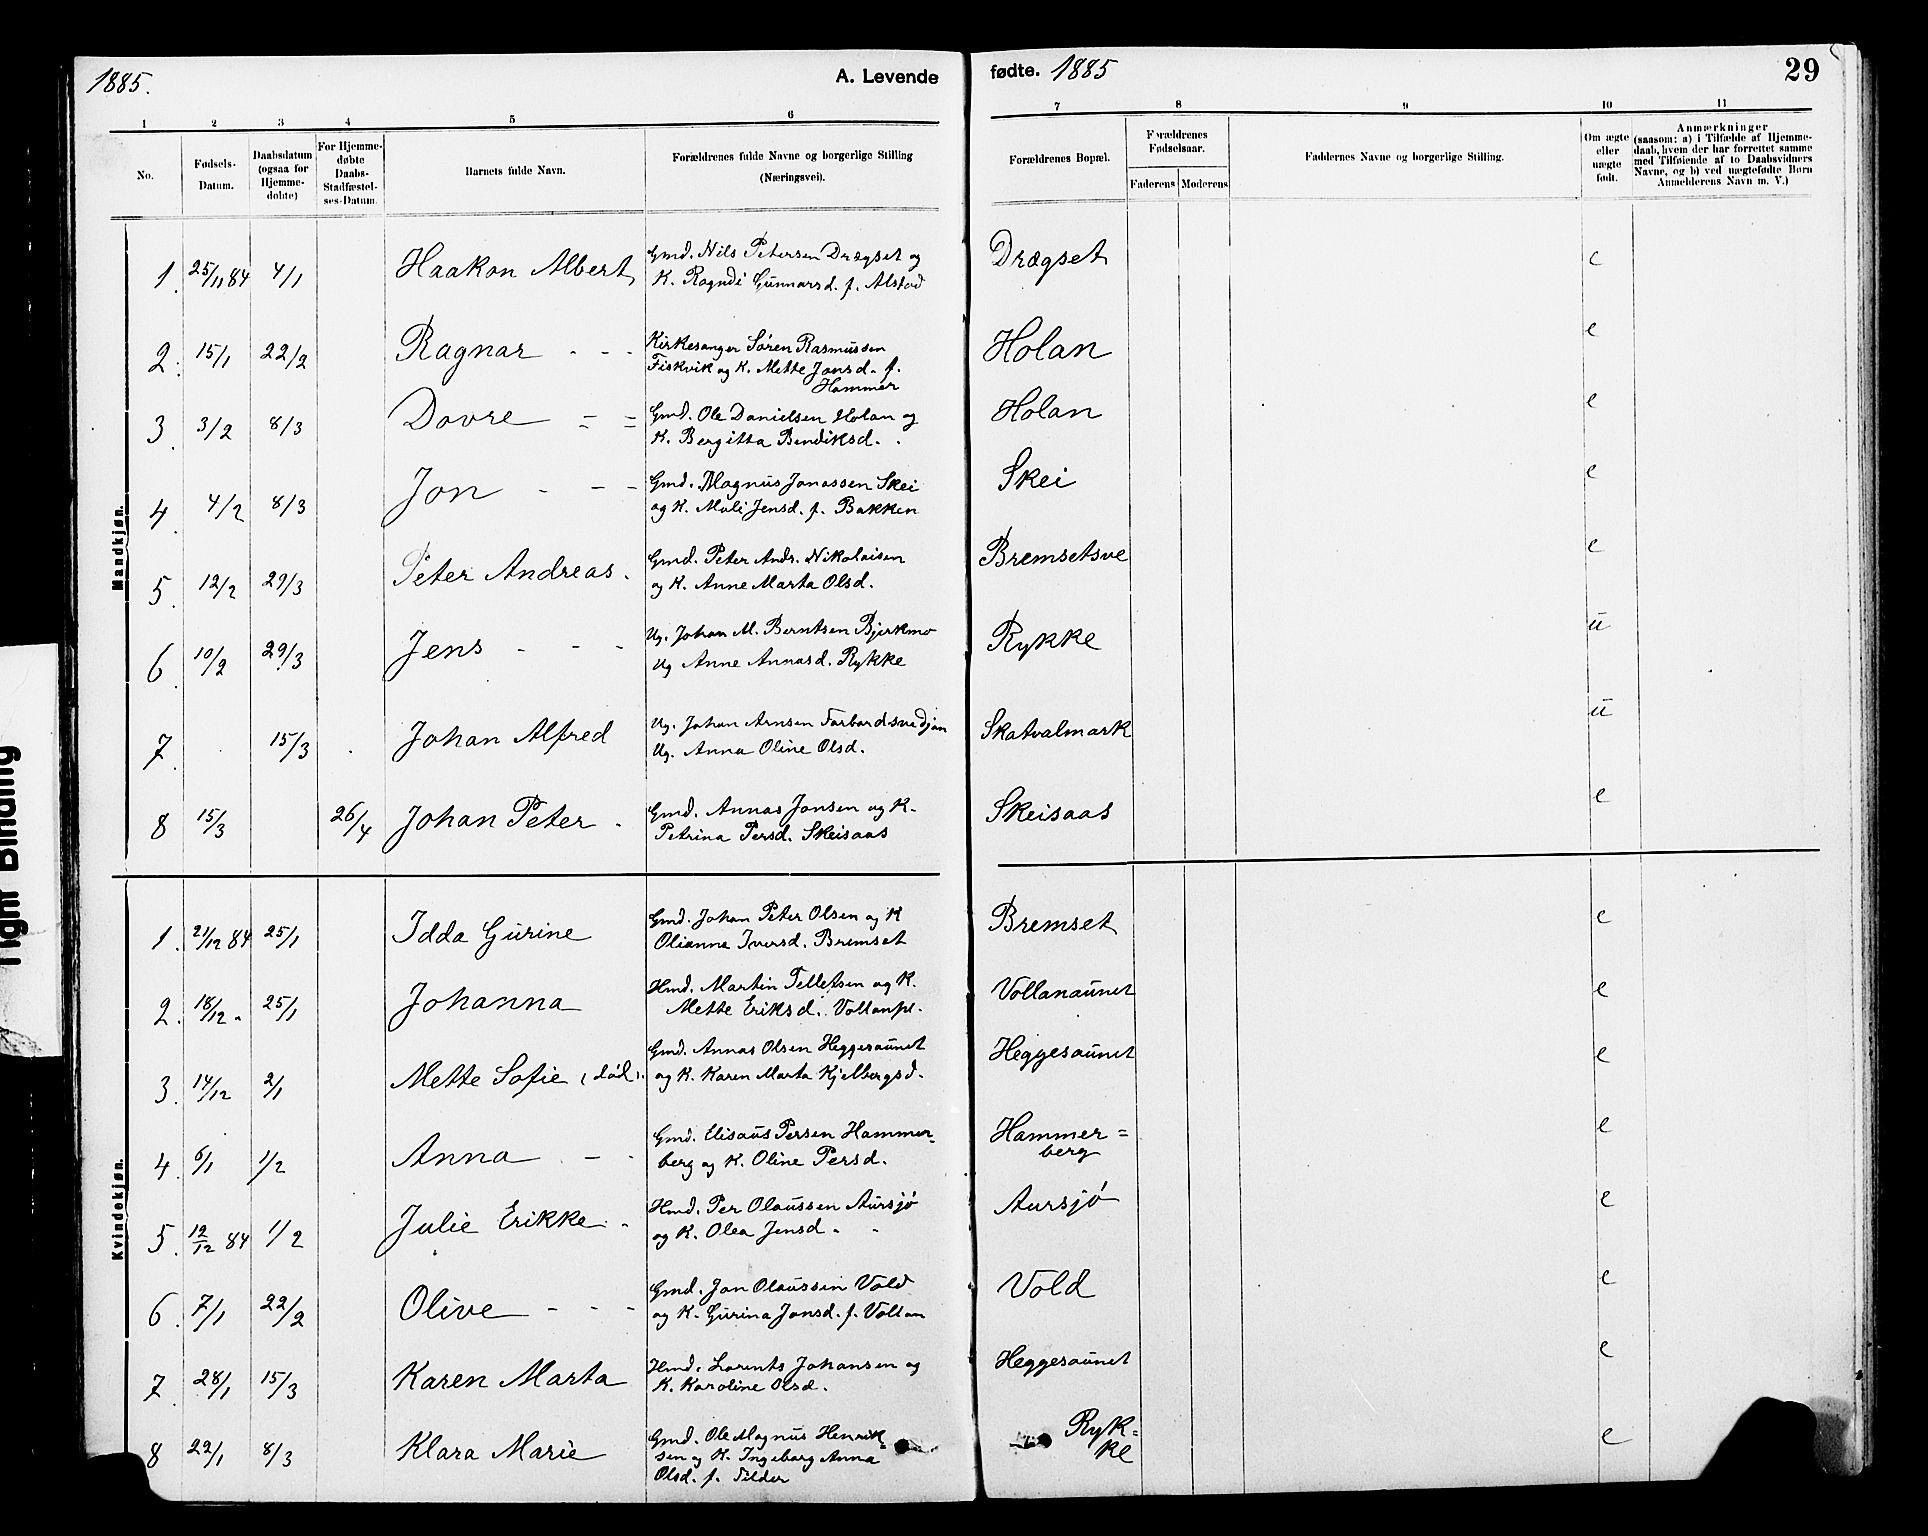 SAT, Ministerialprotokoller, klokkerbøker og fødselsregistre - Nord-Trøndelag, 712/L0103: Klokkerbok nr. 712C01, 1878-1917, s. 29